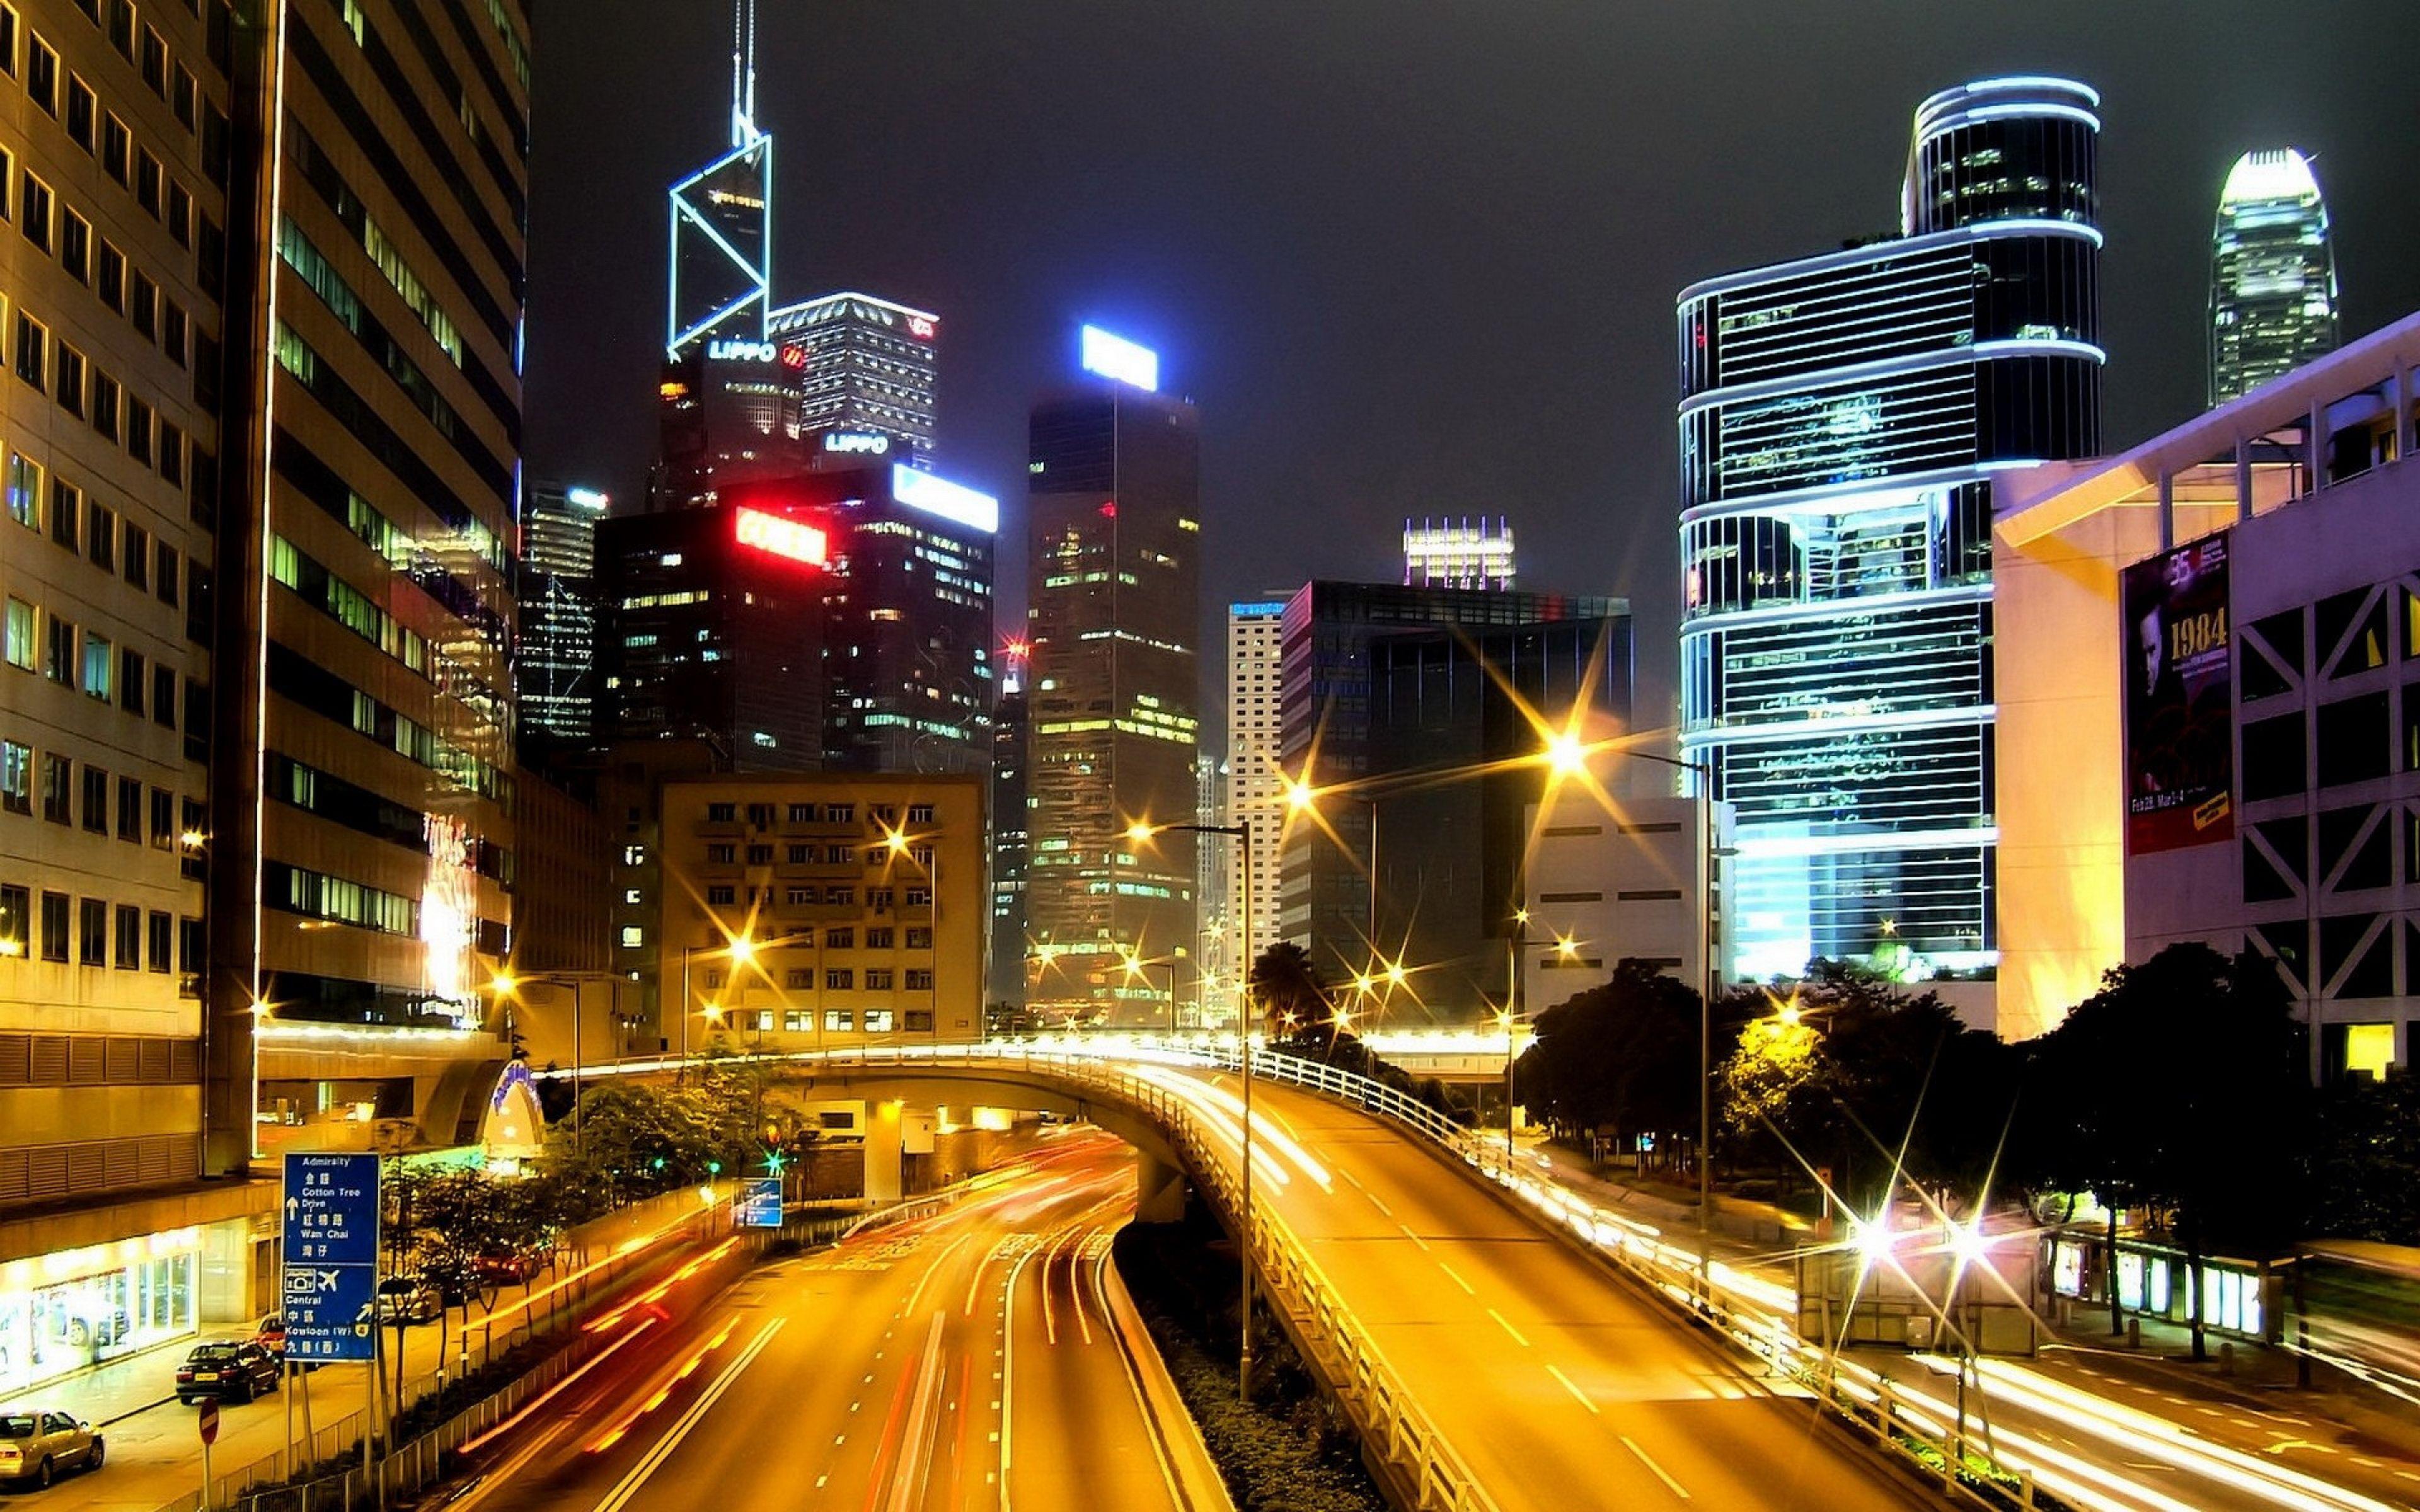 Popular Wallpaper Night Cities - a8c96dac2a593f77ba68d52d401385d5  Picture.jpg